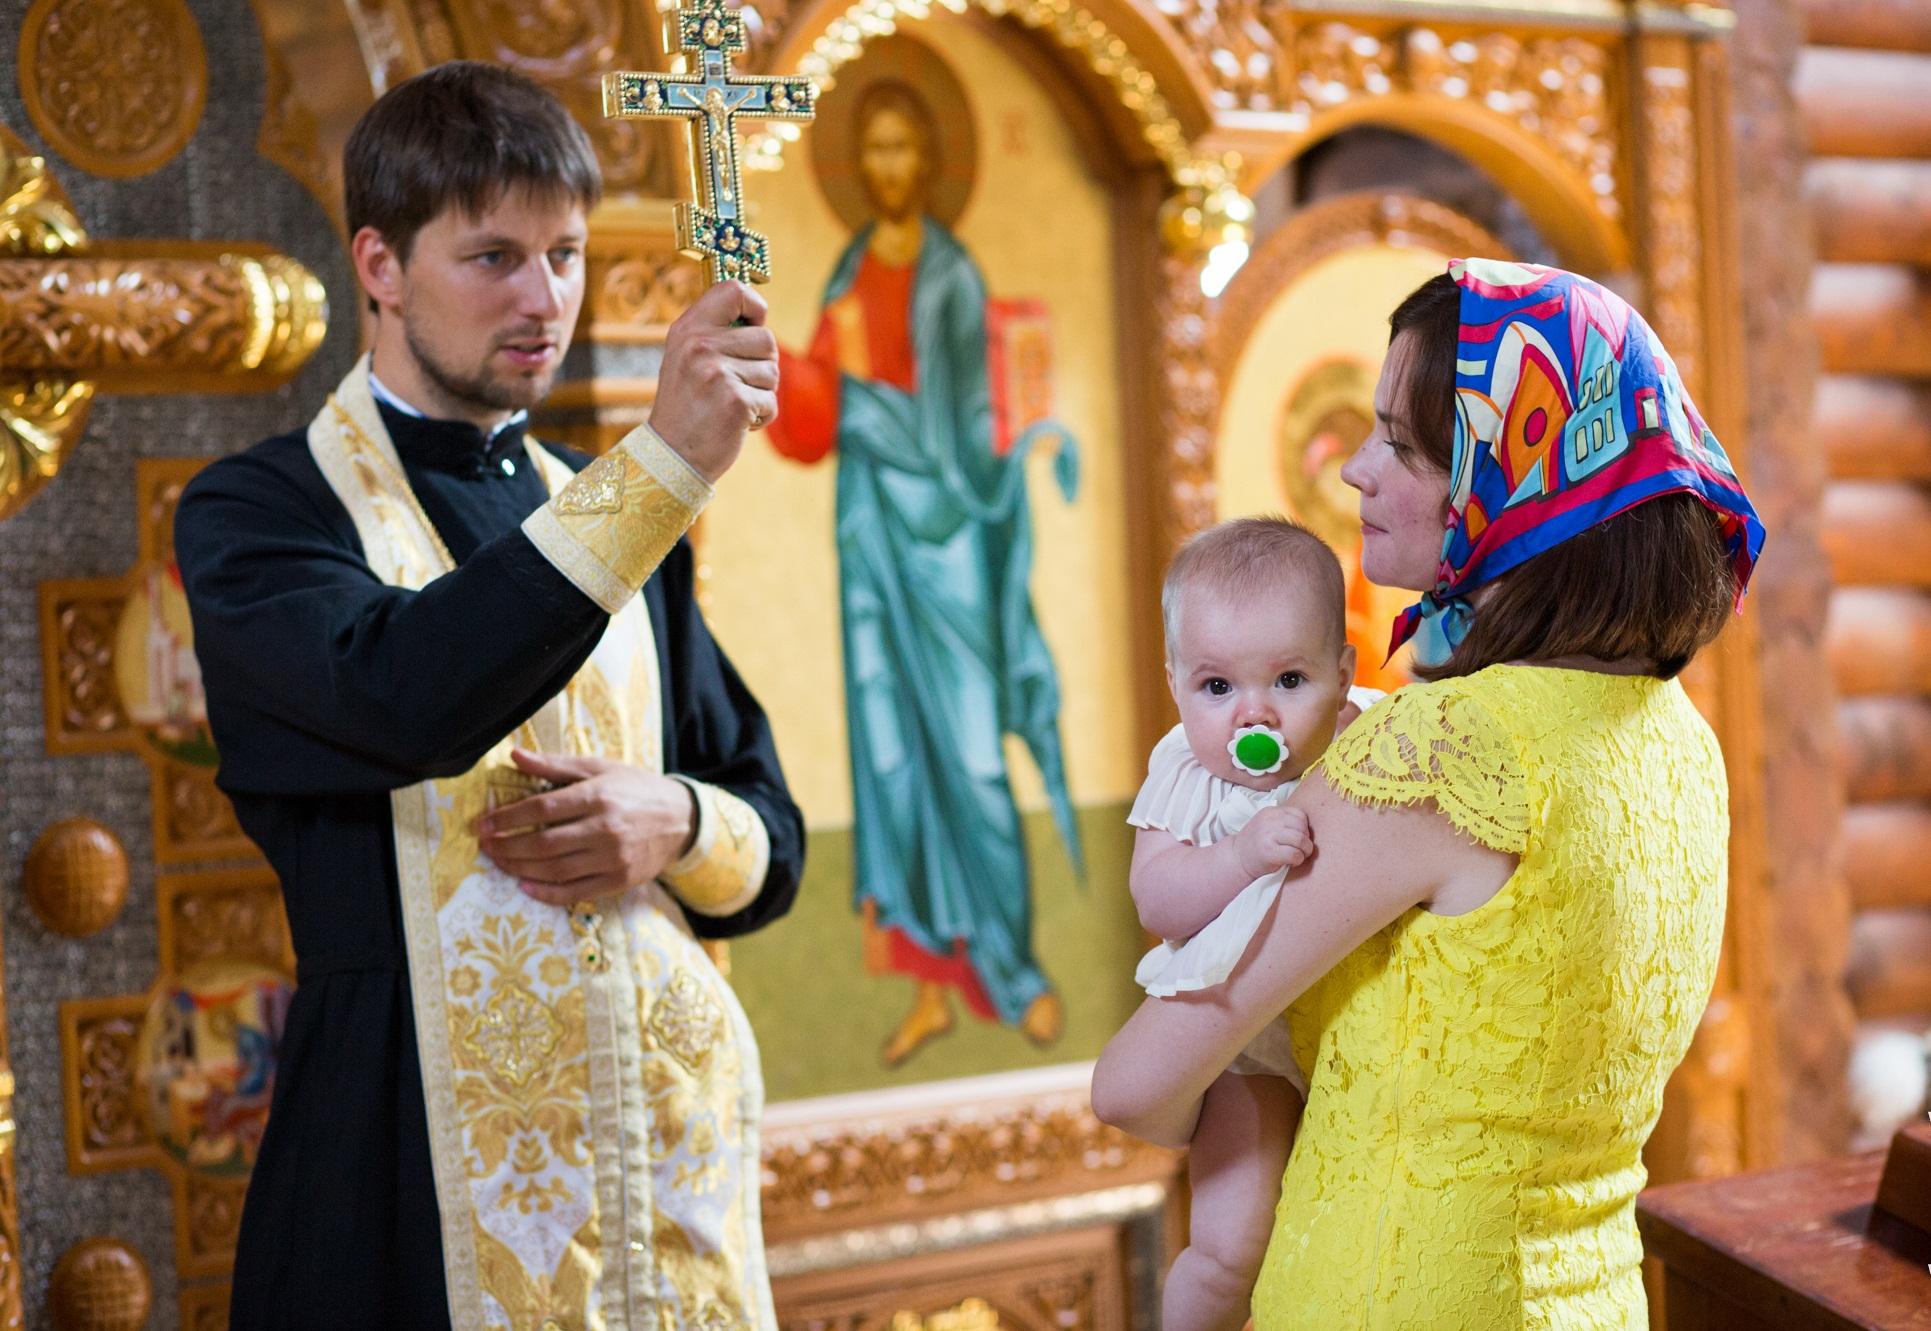 люди покрестились в церкви поздравление модно